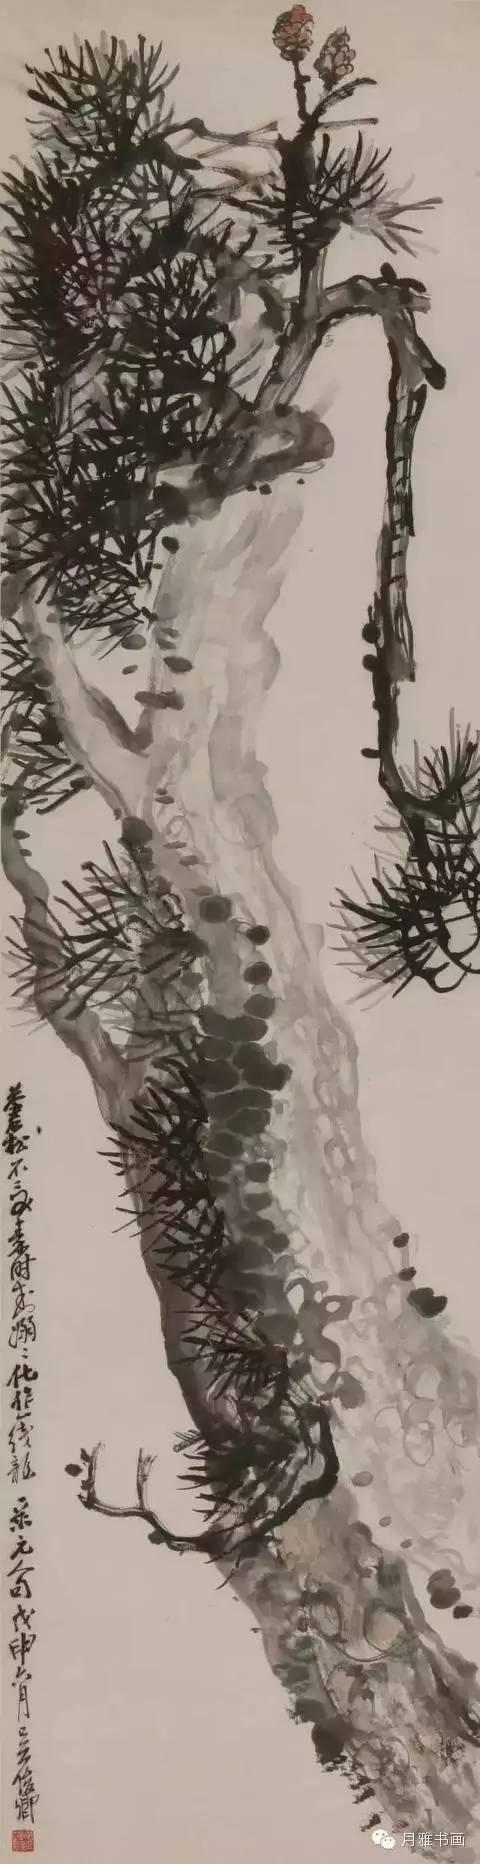 吴昌硕 | 解衣盘礴吾画松